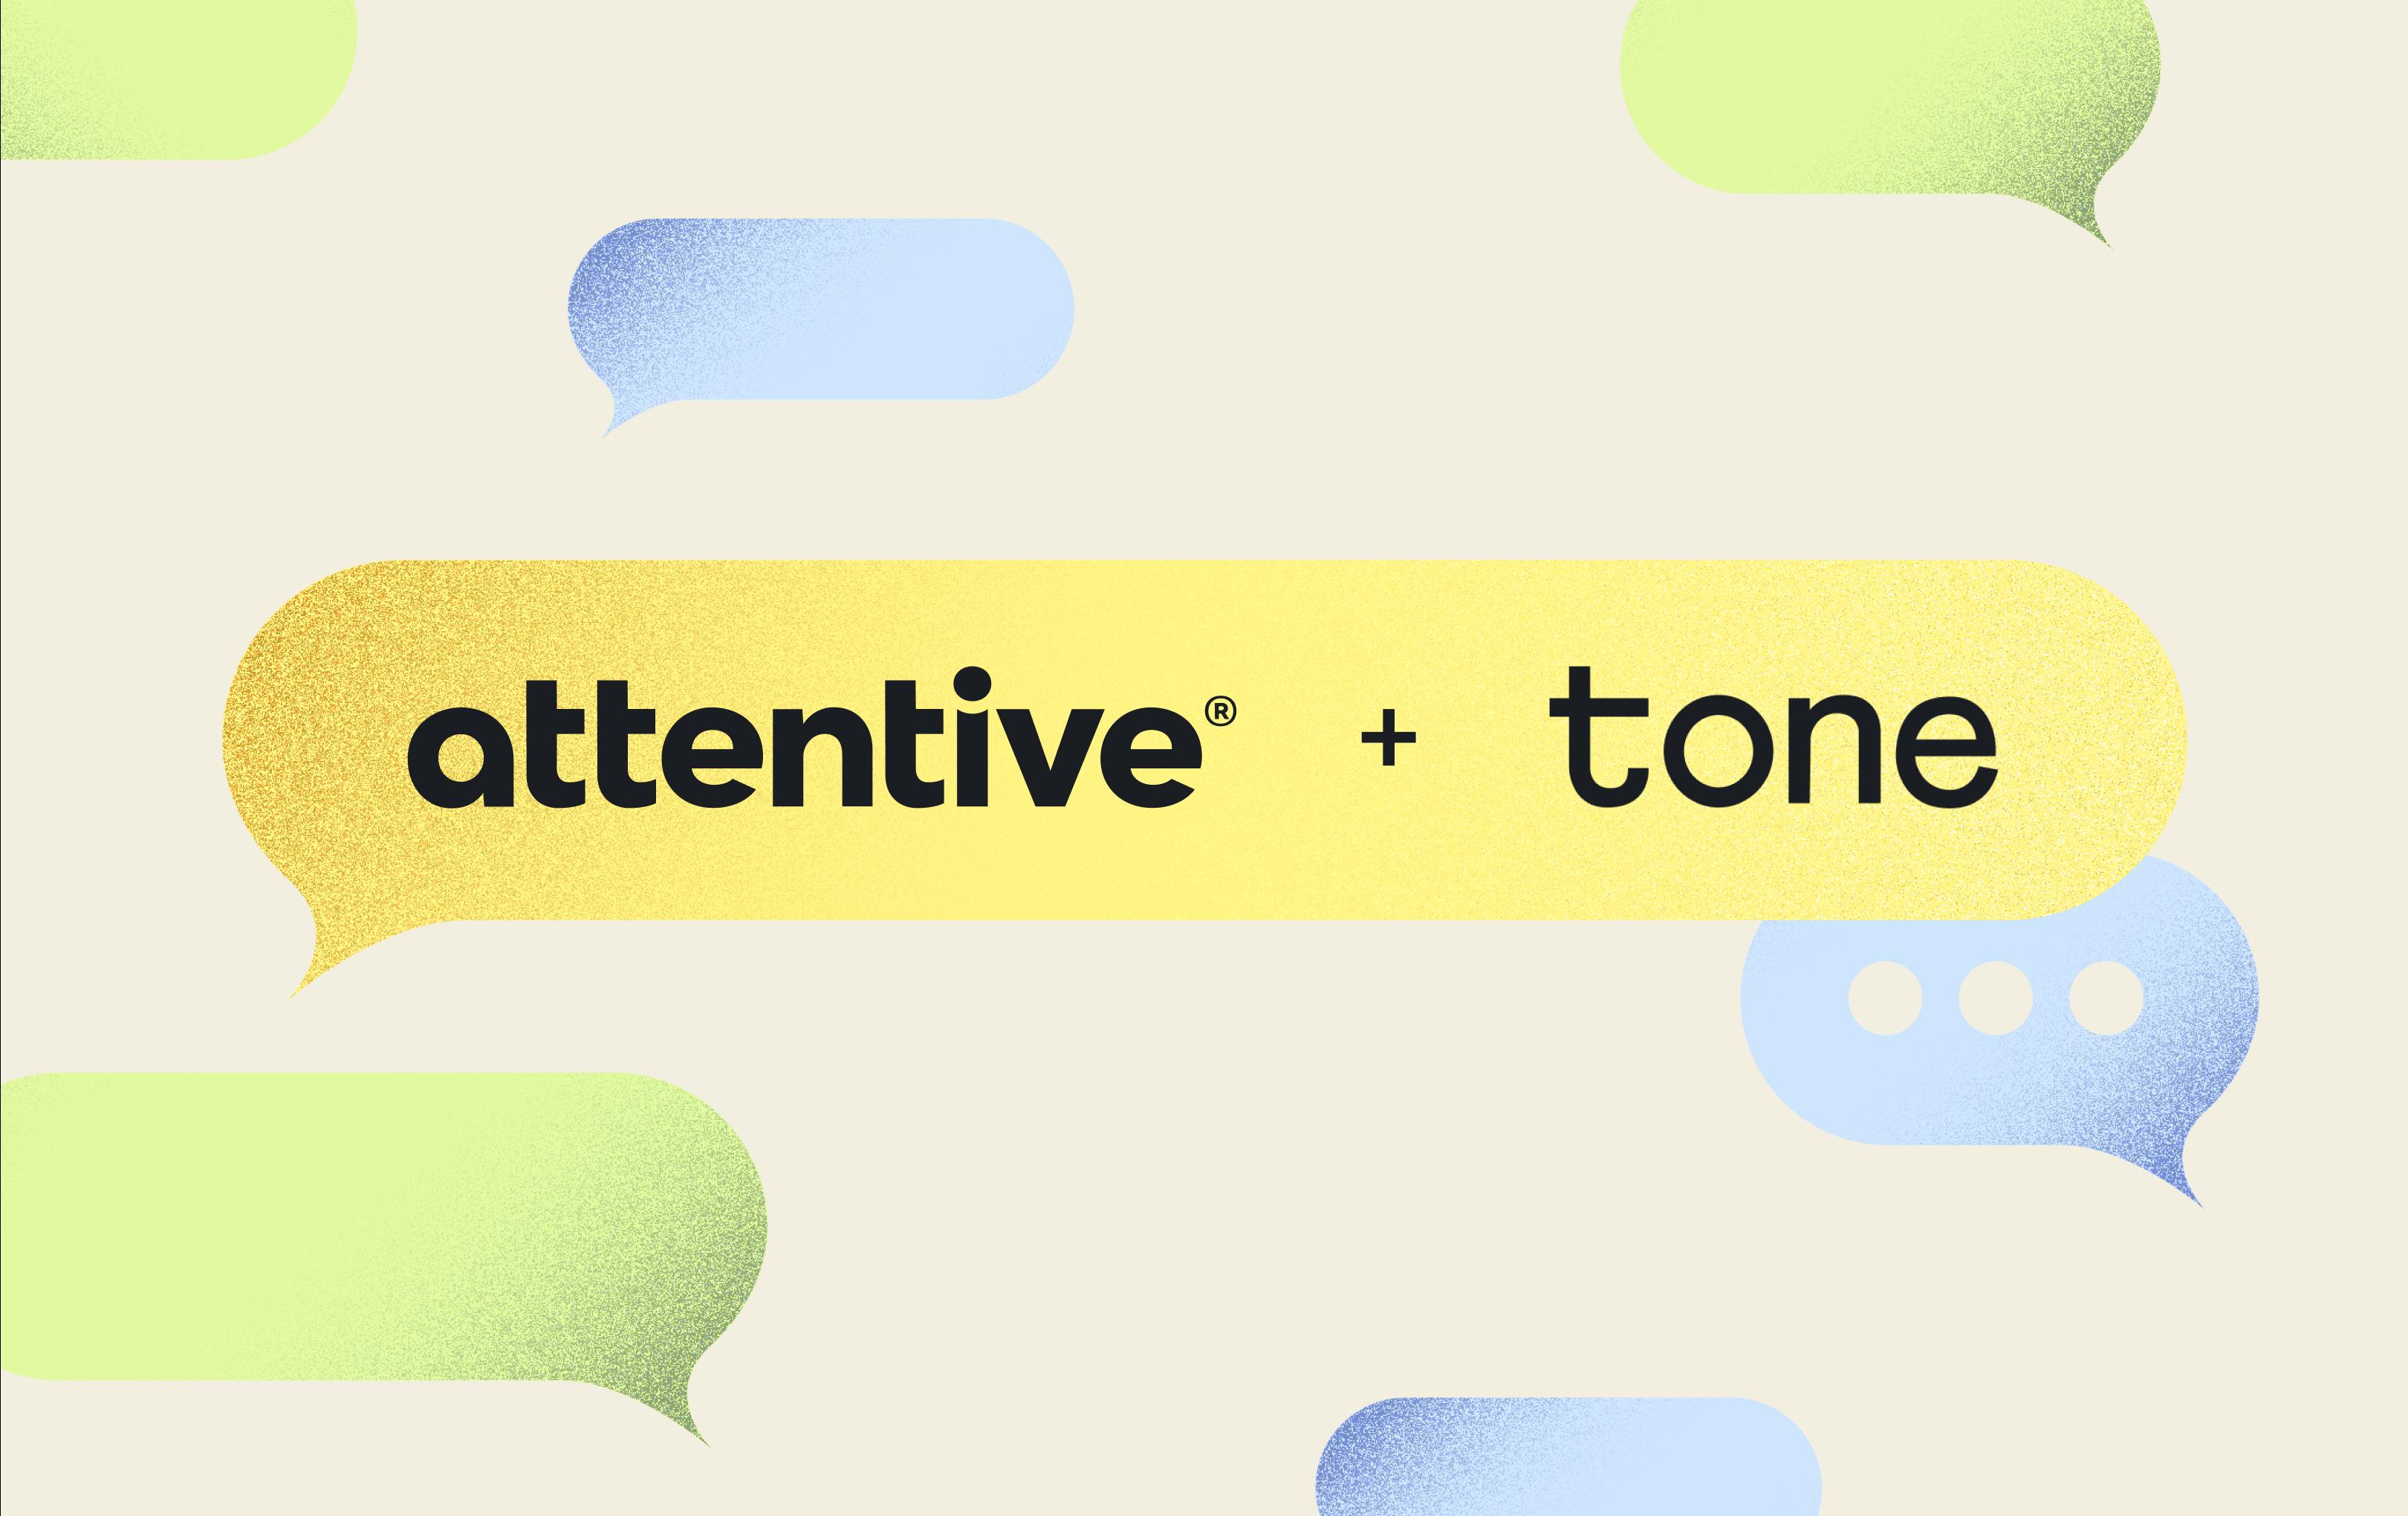 Attentive acquires tone image